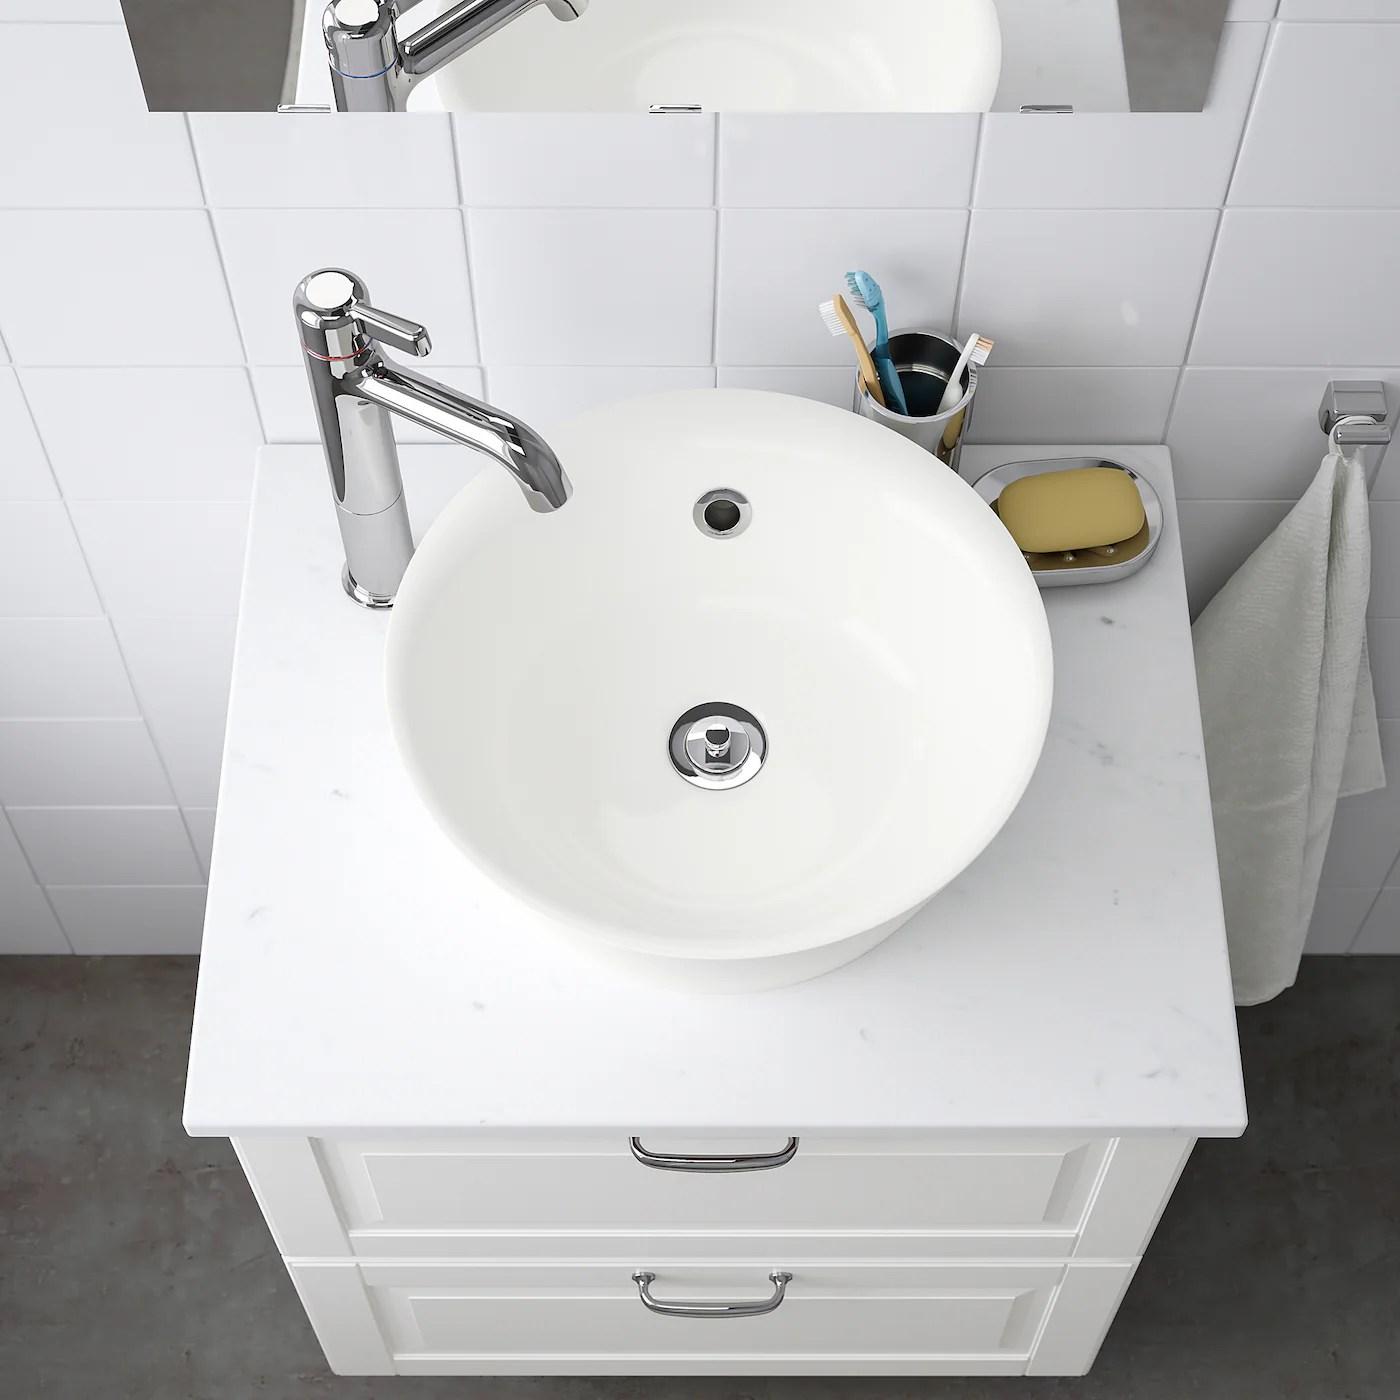 kattevik vasque blanc 40 cm